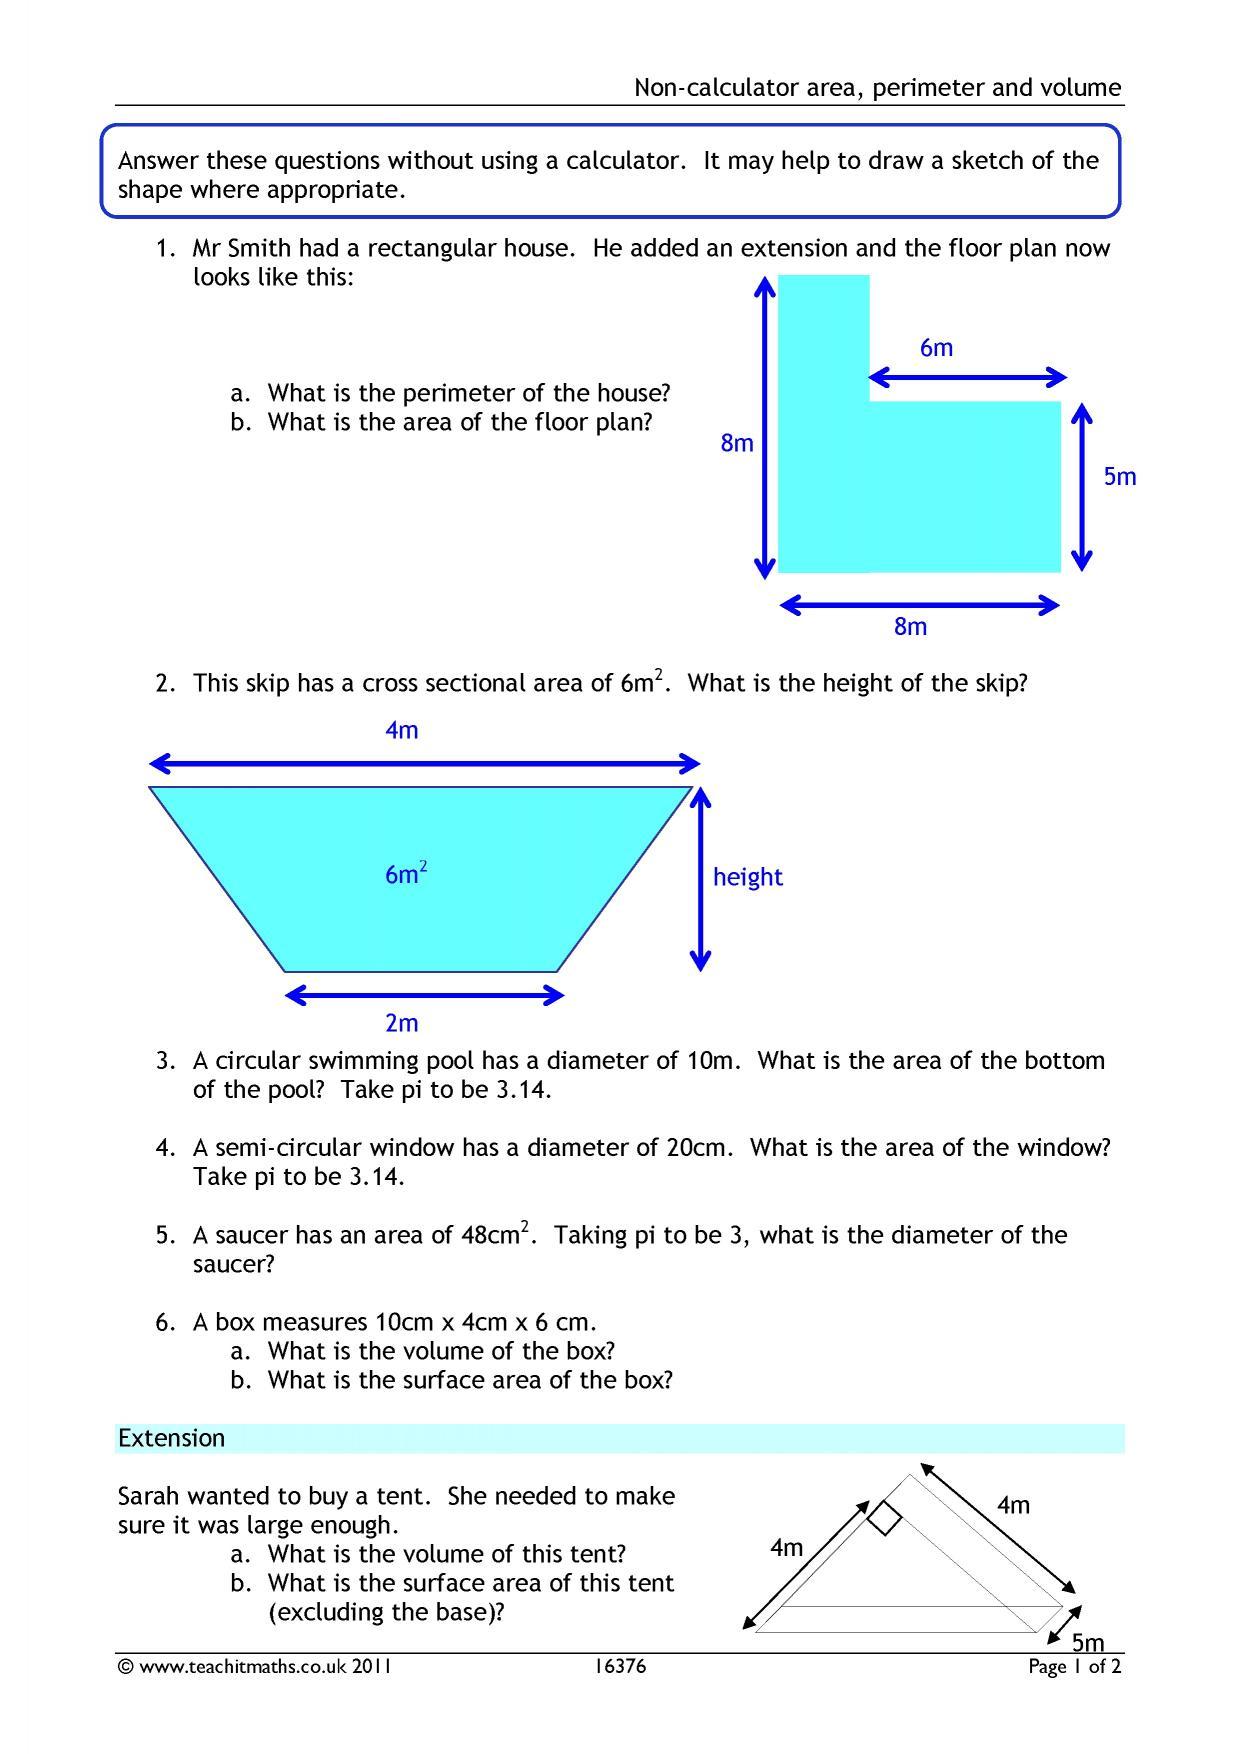 Non-calculator area, perimeter and volume